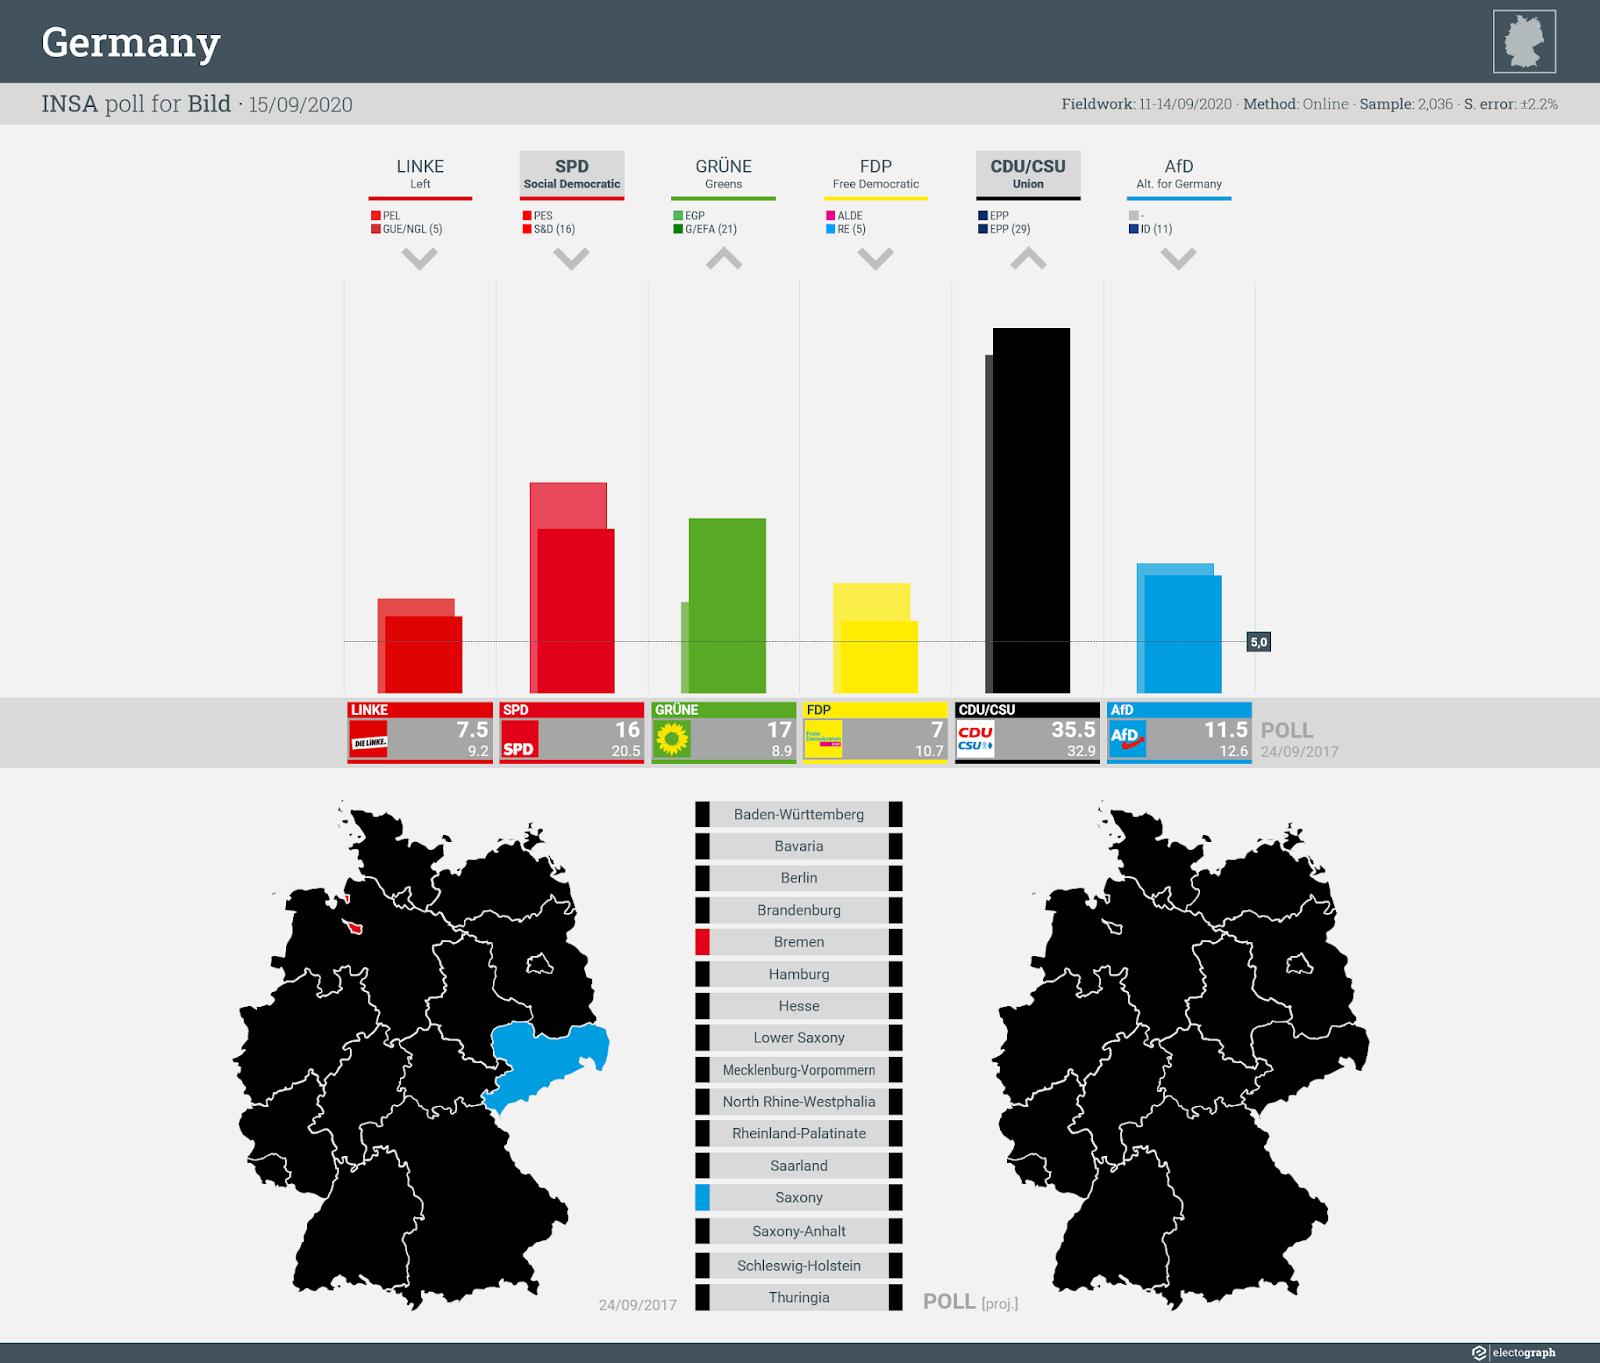 GERMANY: INSA poll chart for Bild, 15 September 2020